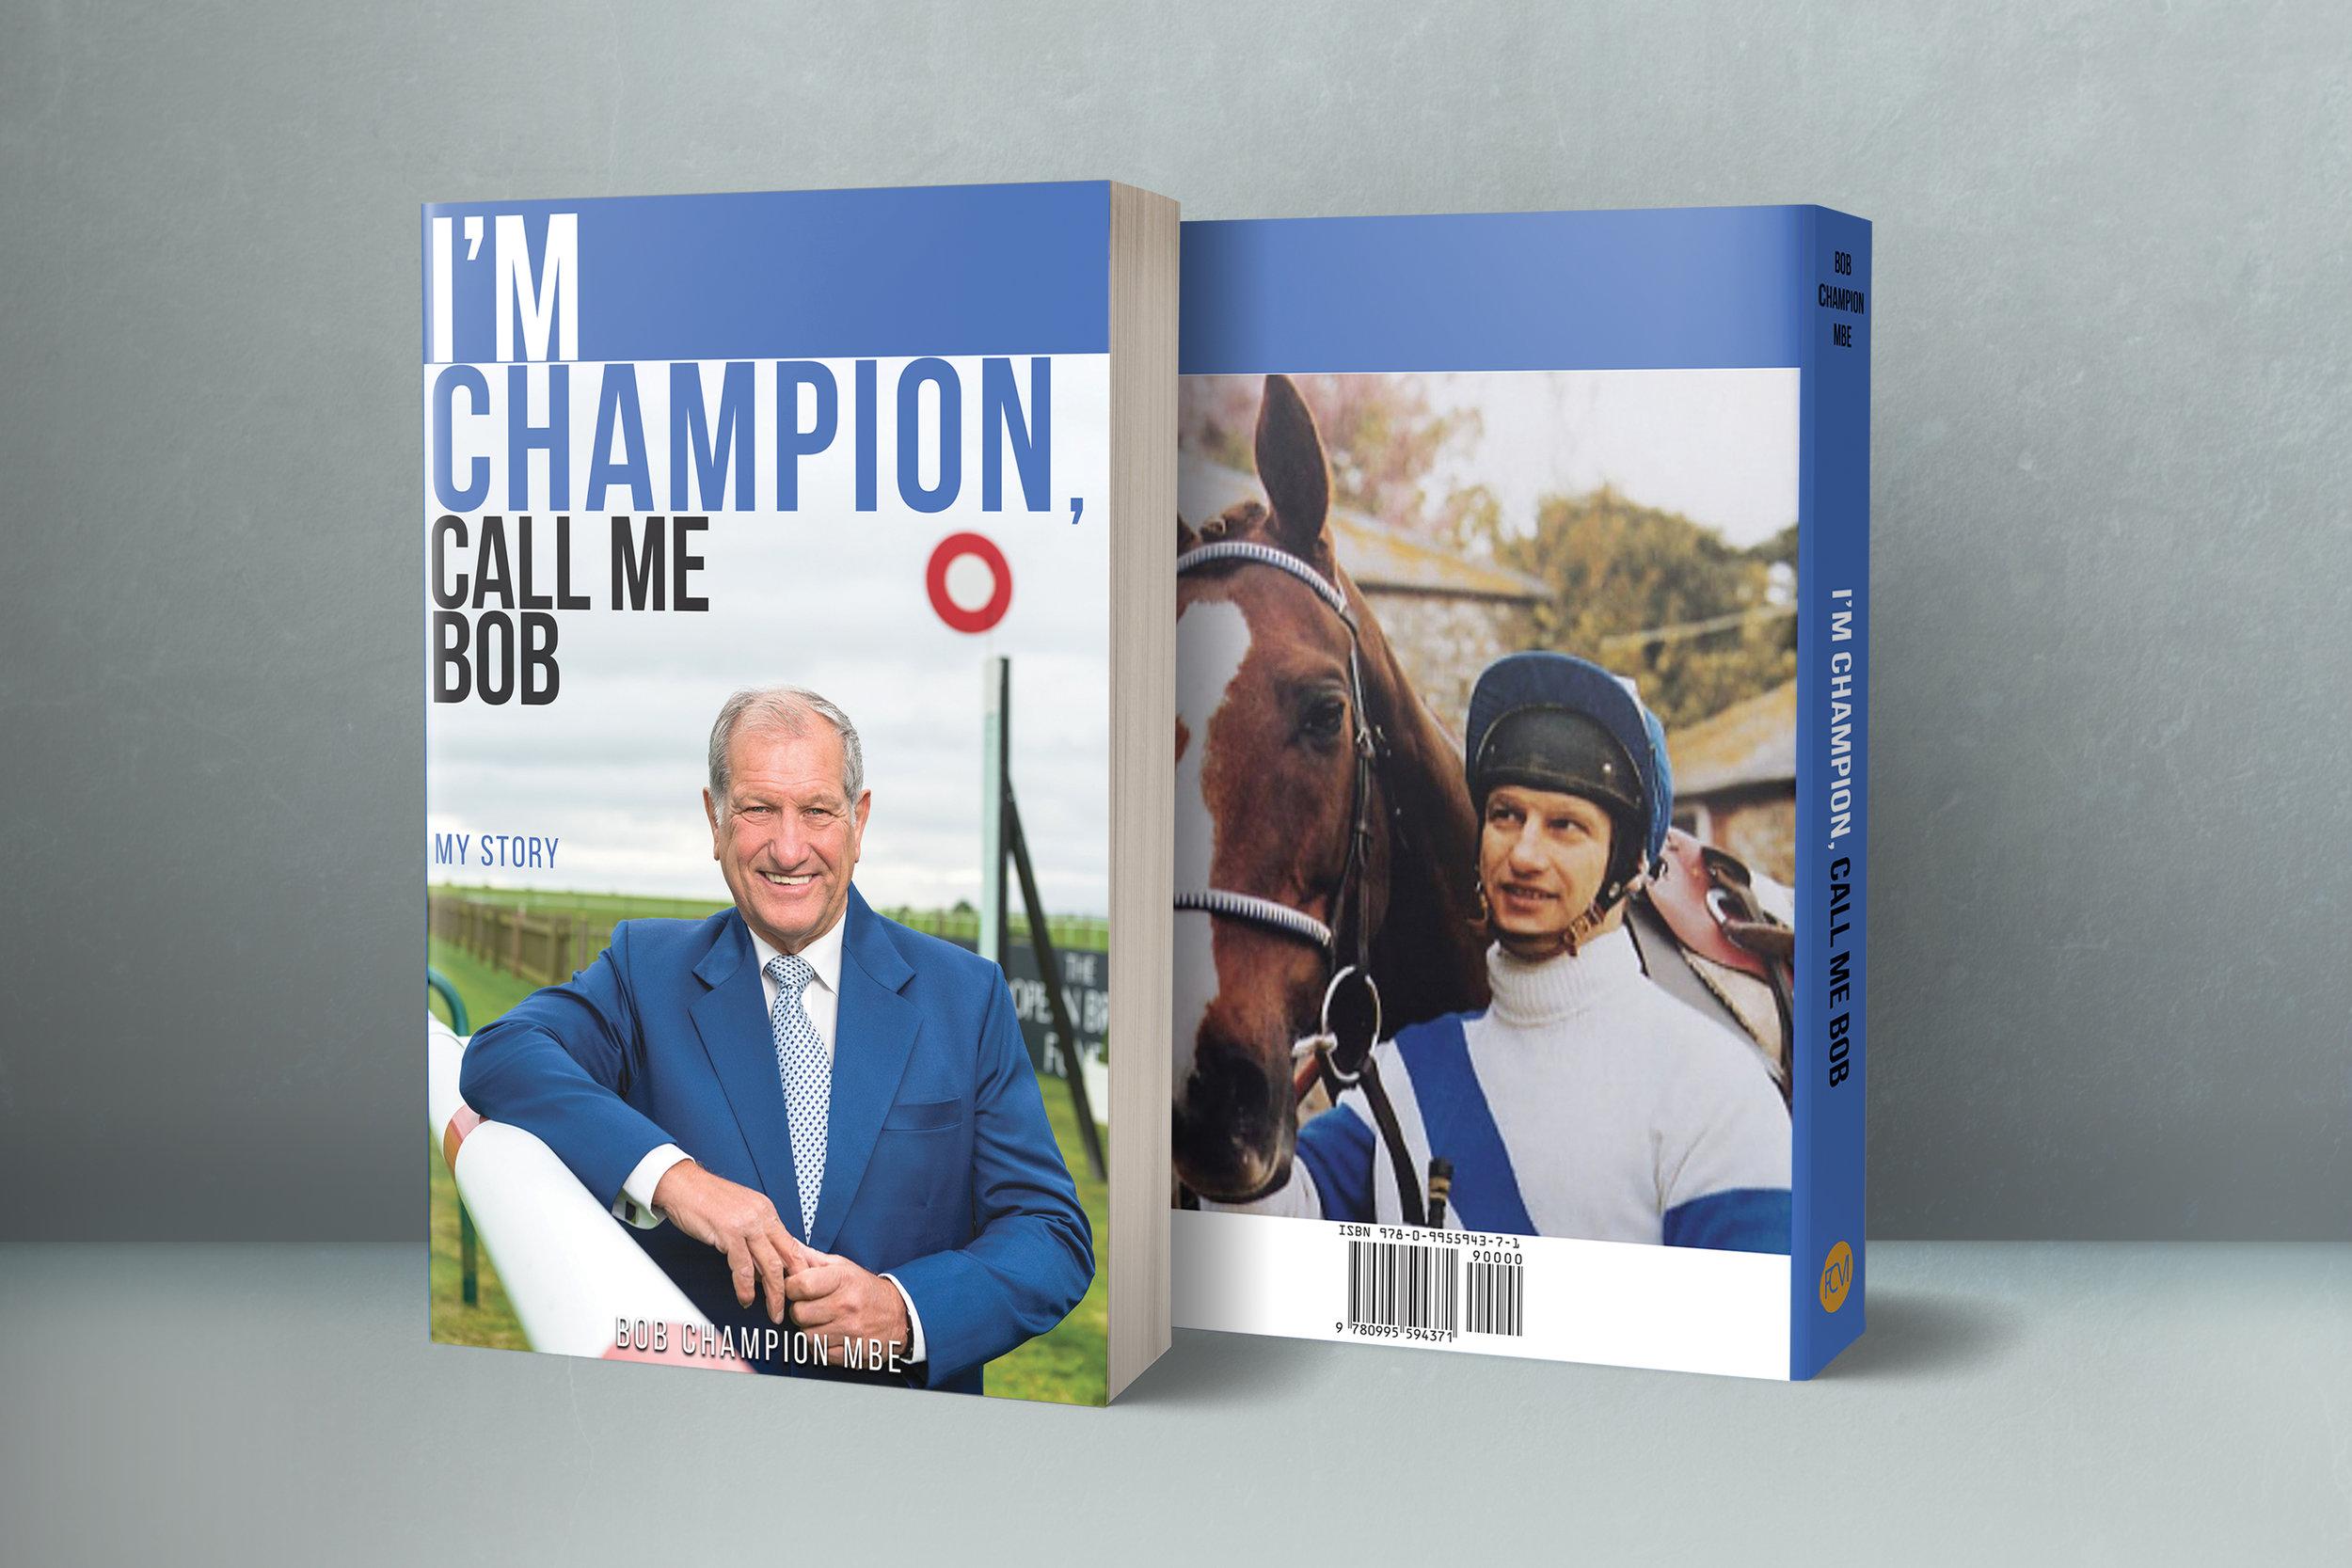 Bob Champion Promo02.jpg